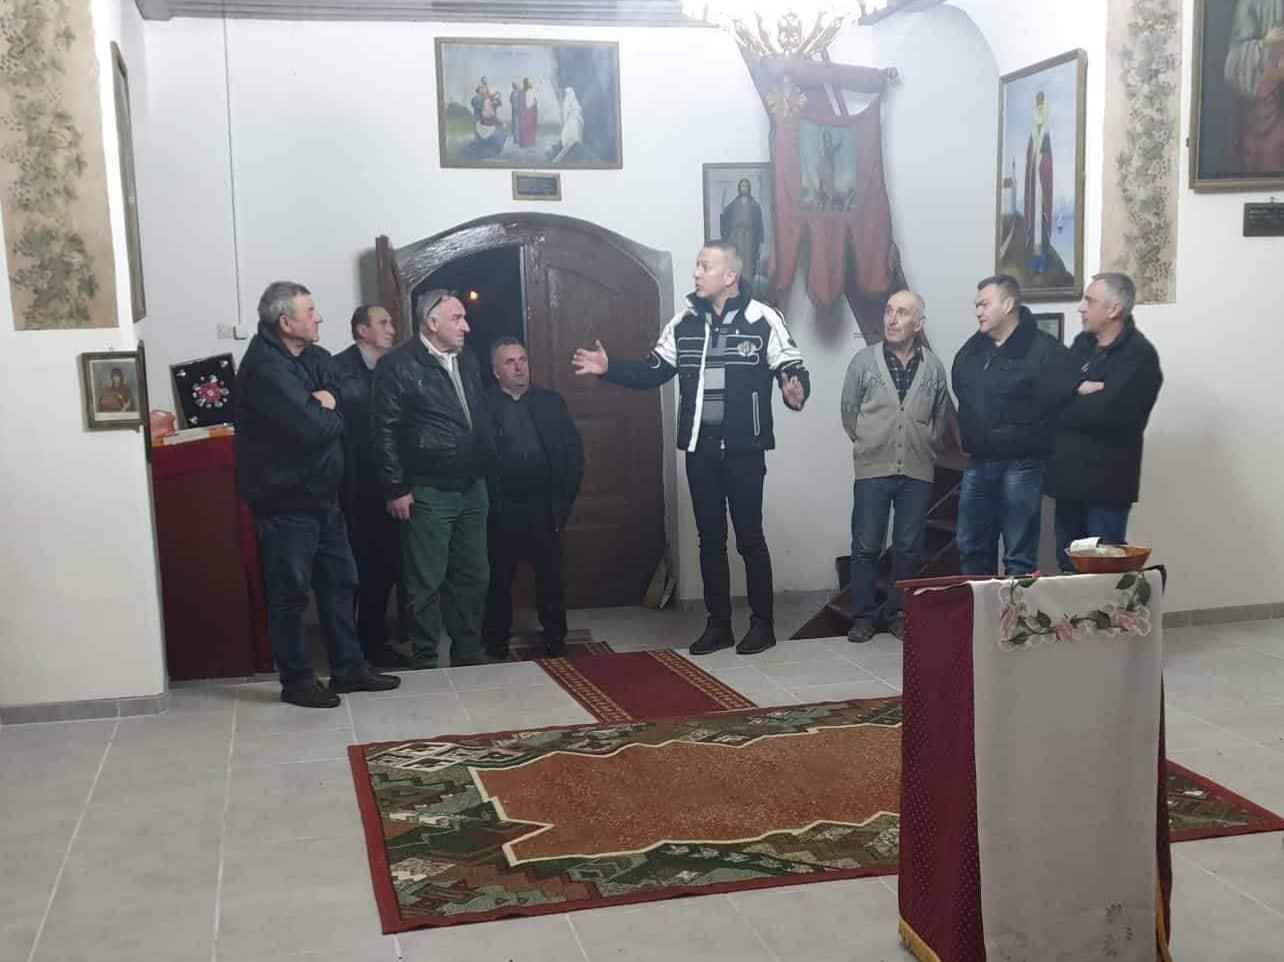 Crkva u Bučju, foto: Press služba opštine Knjaževac